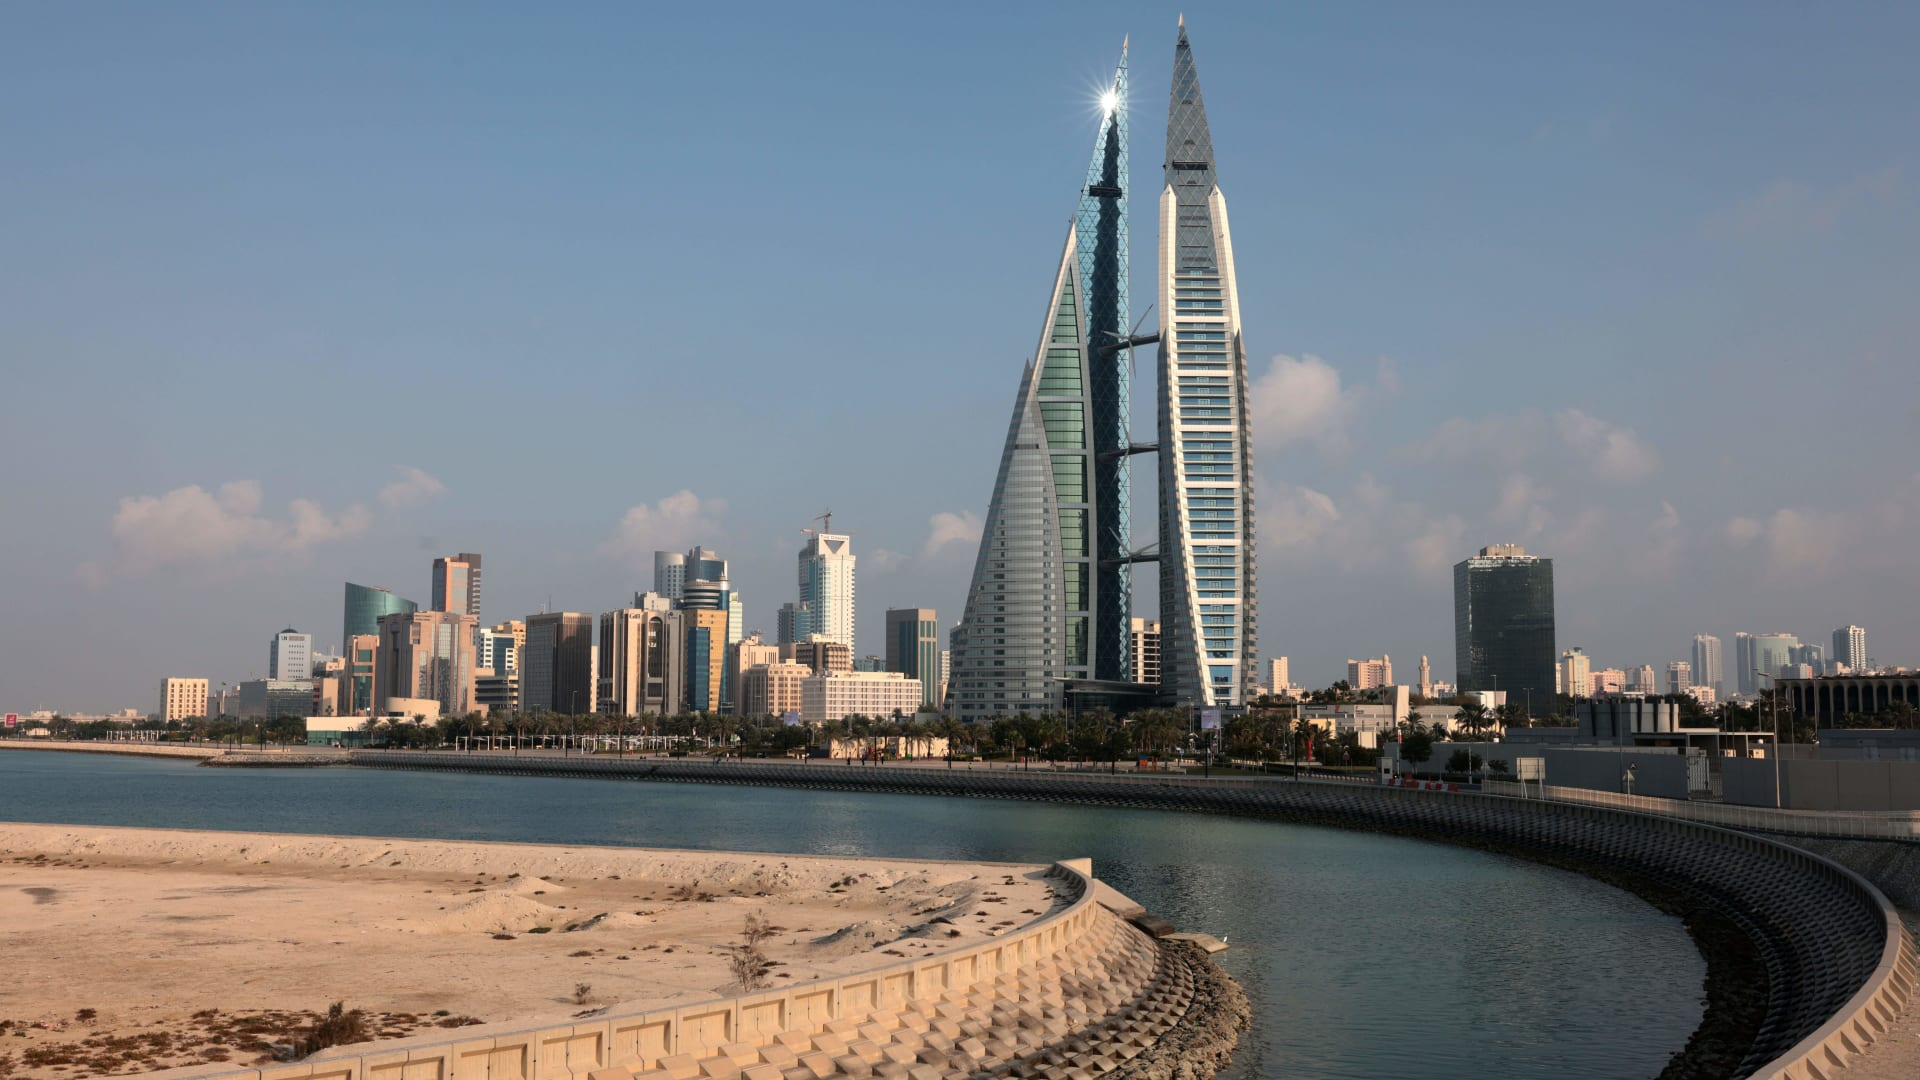 صورة أرشيفية عامة من العاصمة البحرينية، المنامة